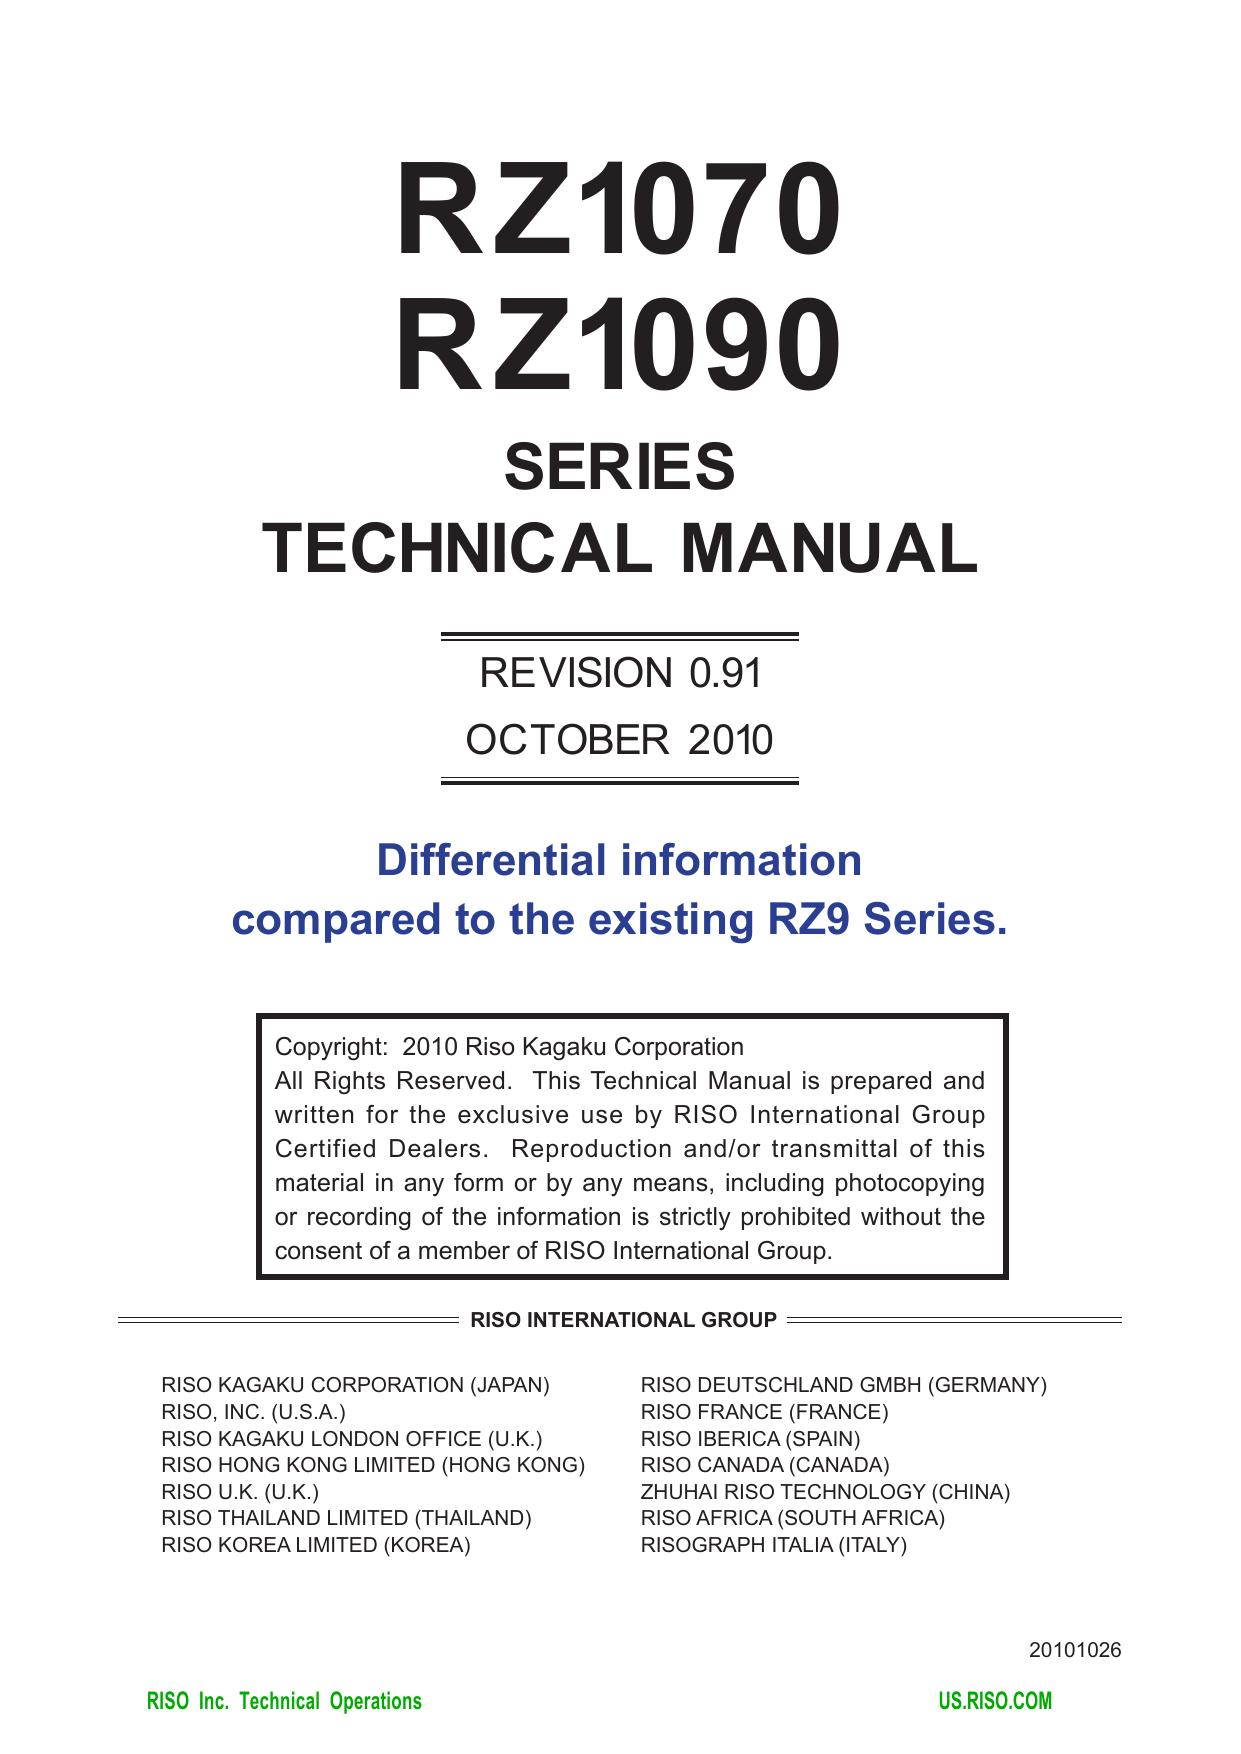 riso hc 5500 technical service manual 2 Array - rz1070 rz1090 manualzz com  rh manualzz ...